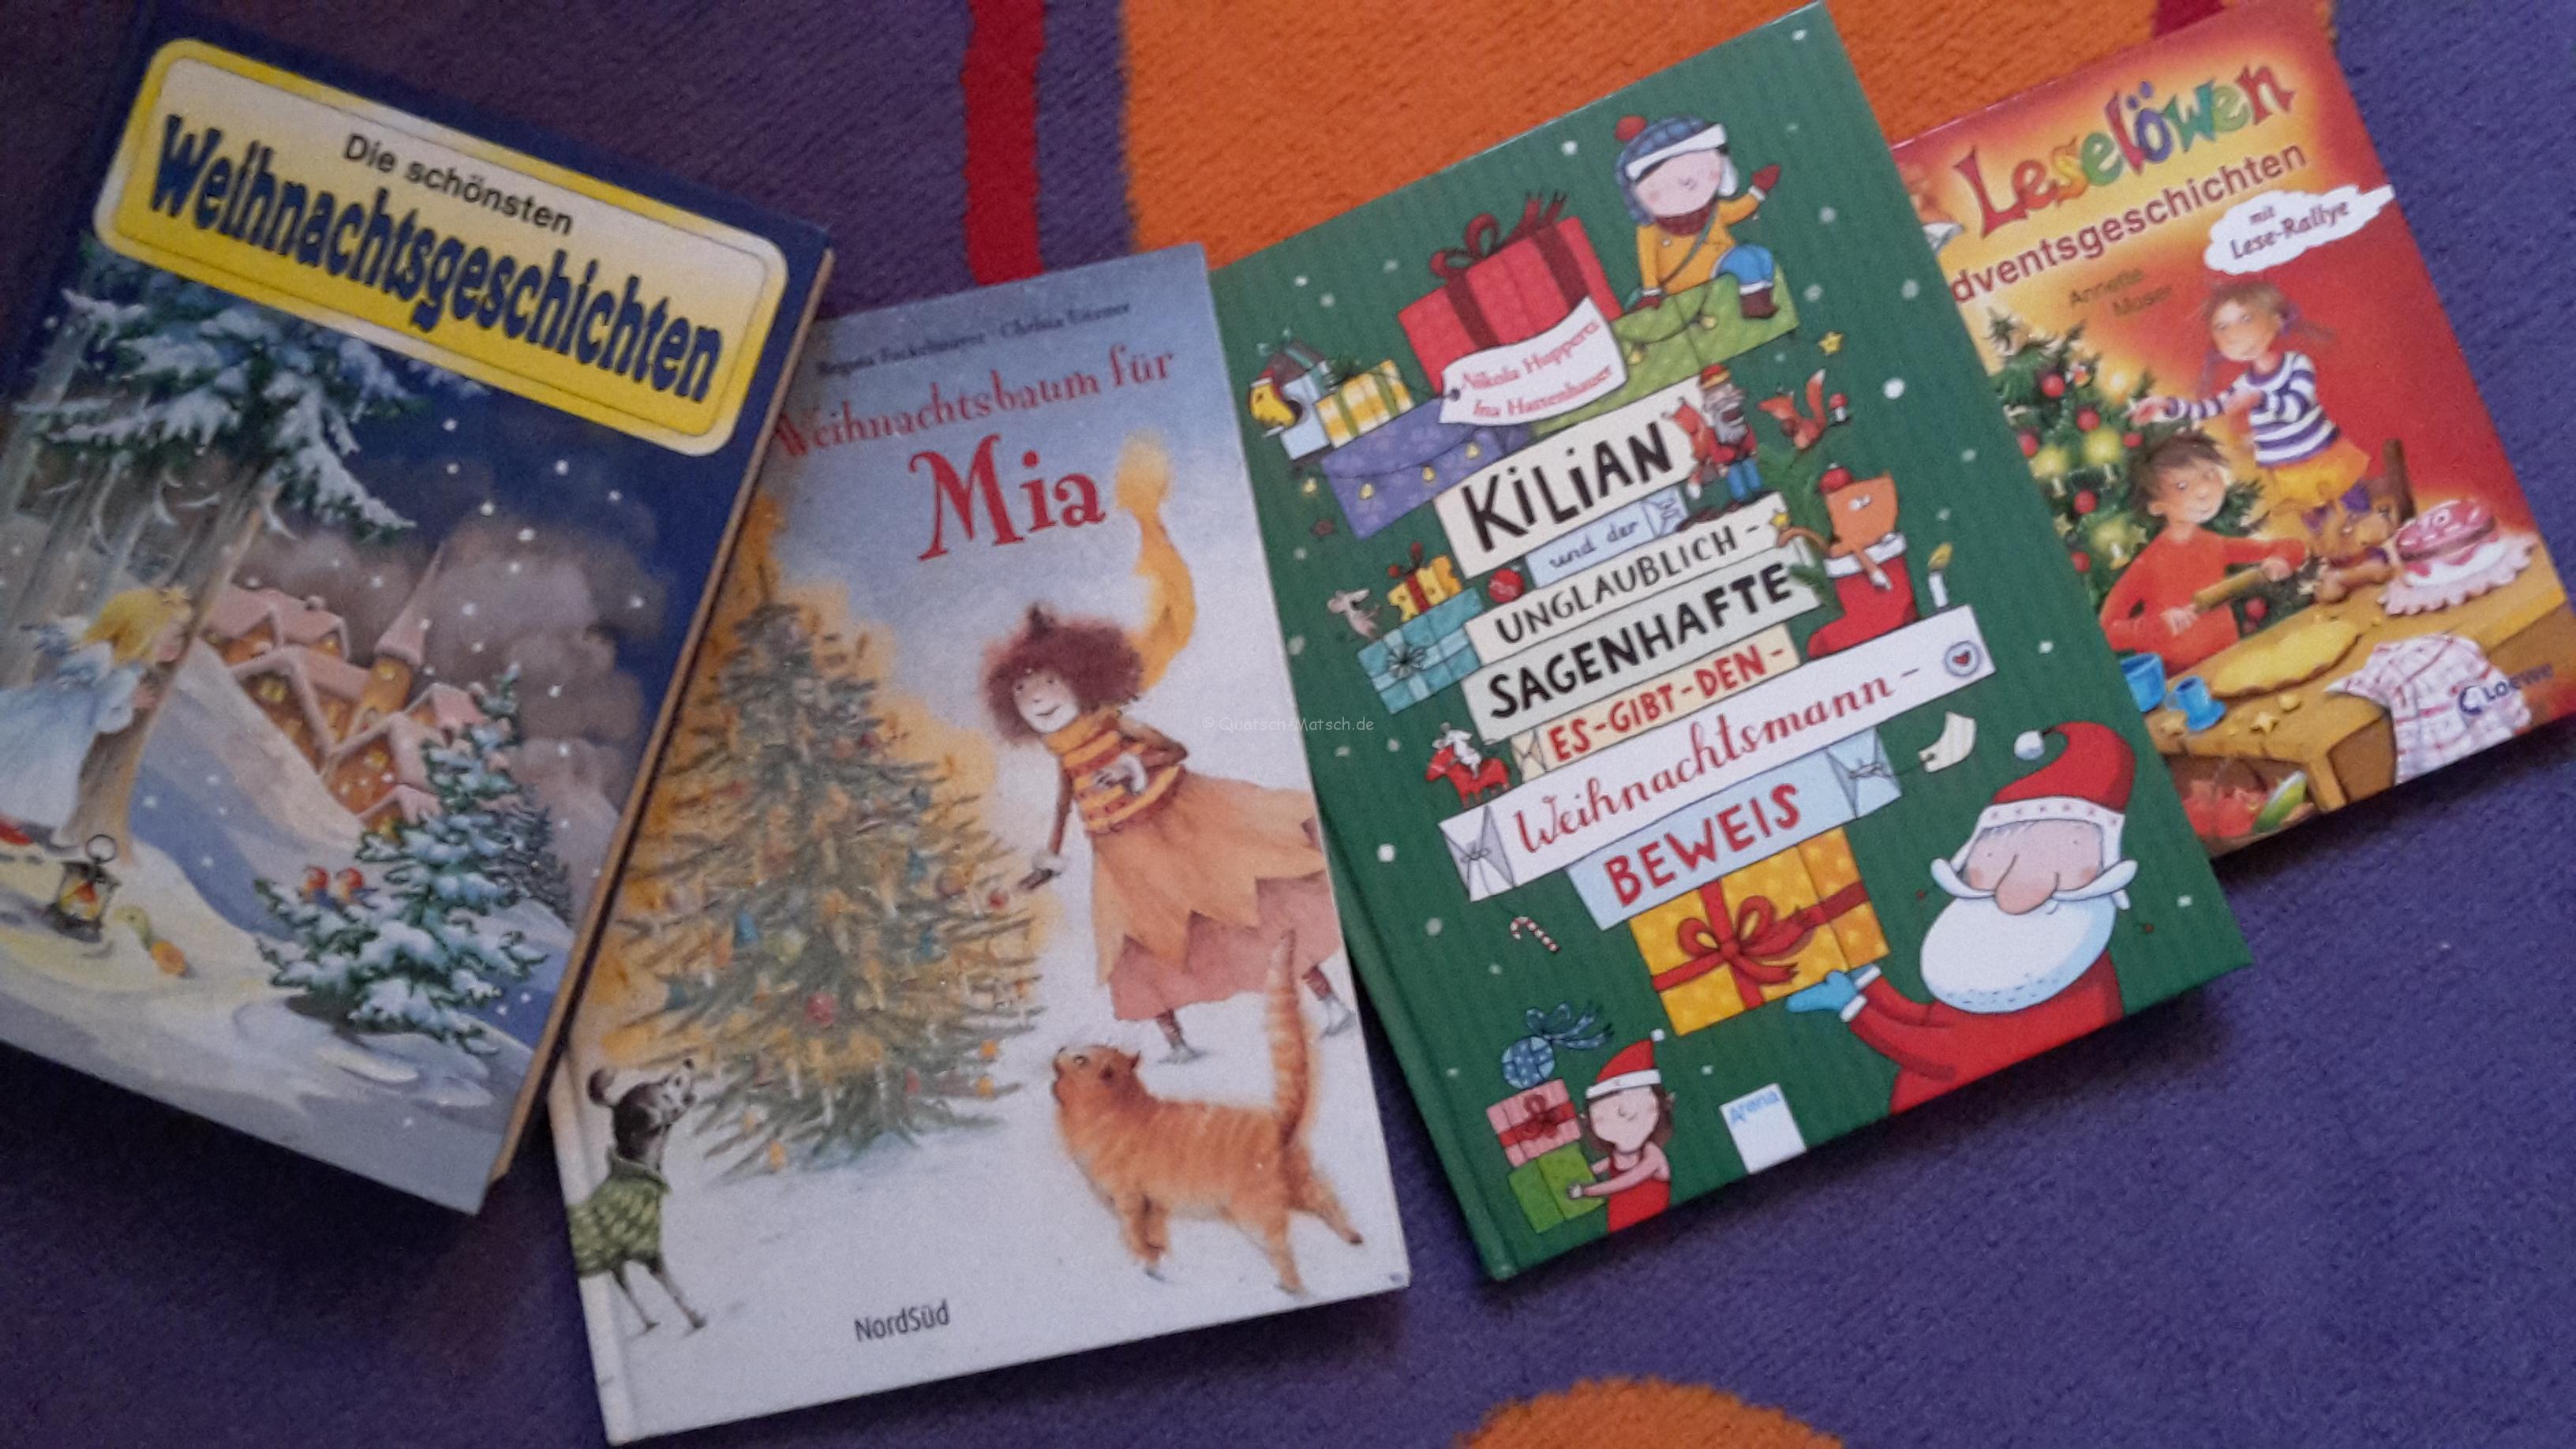 Unsere TOP 4 Weihnachtsbücher